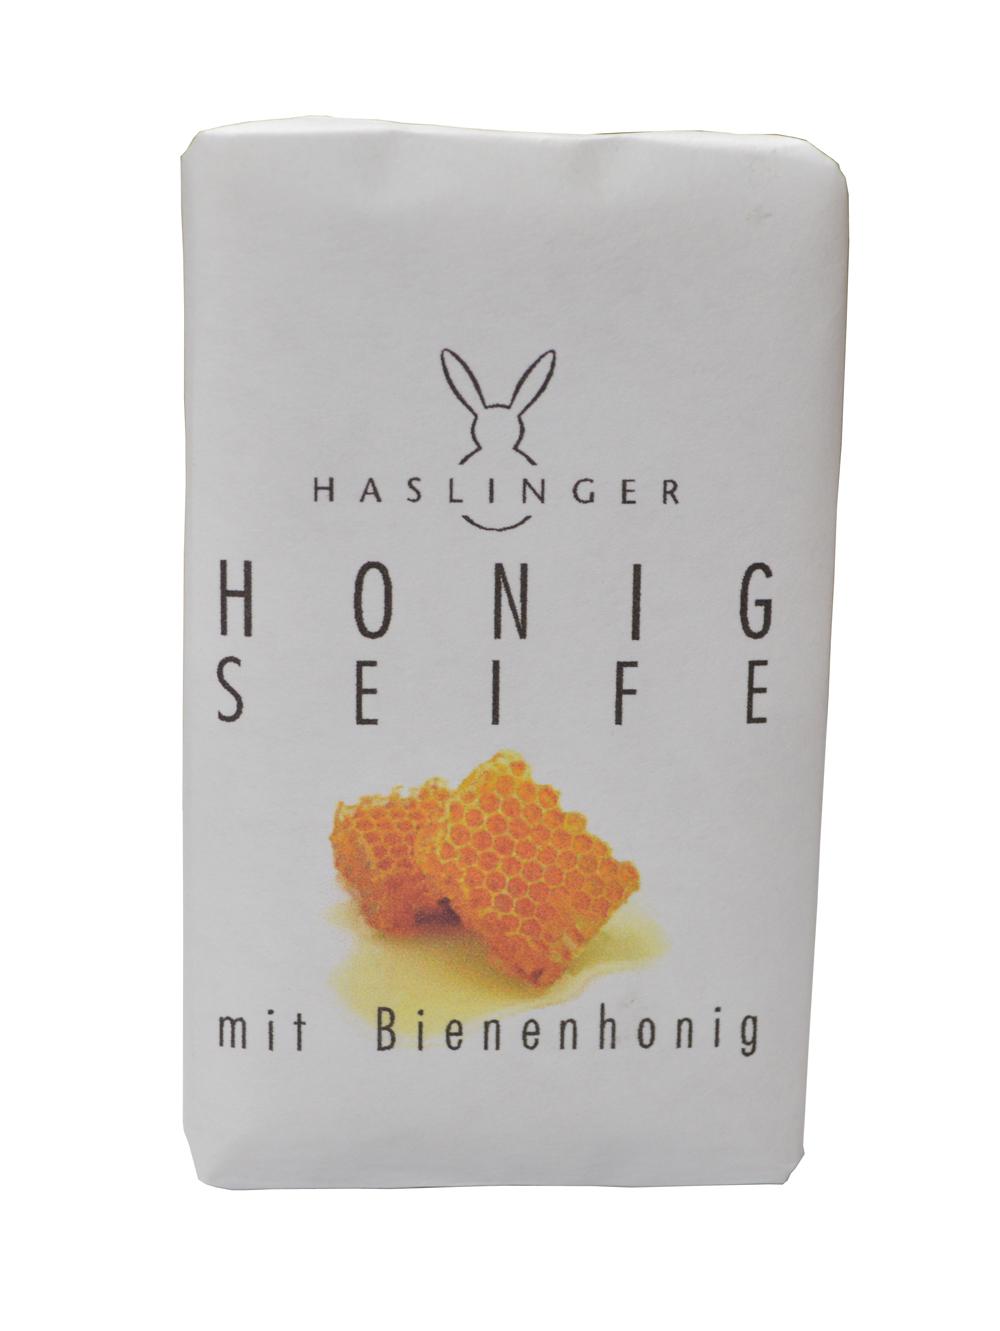 Haslinger Honig Seife 150 g Handverpackt